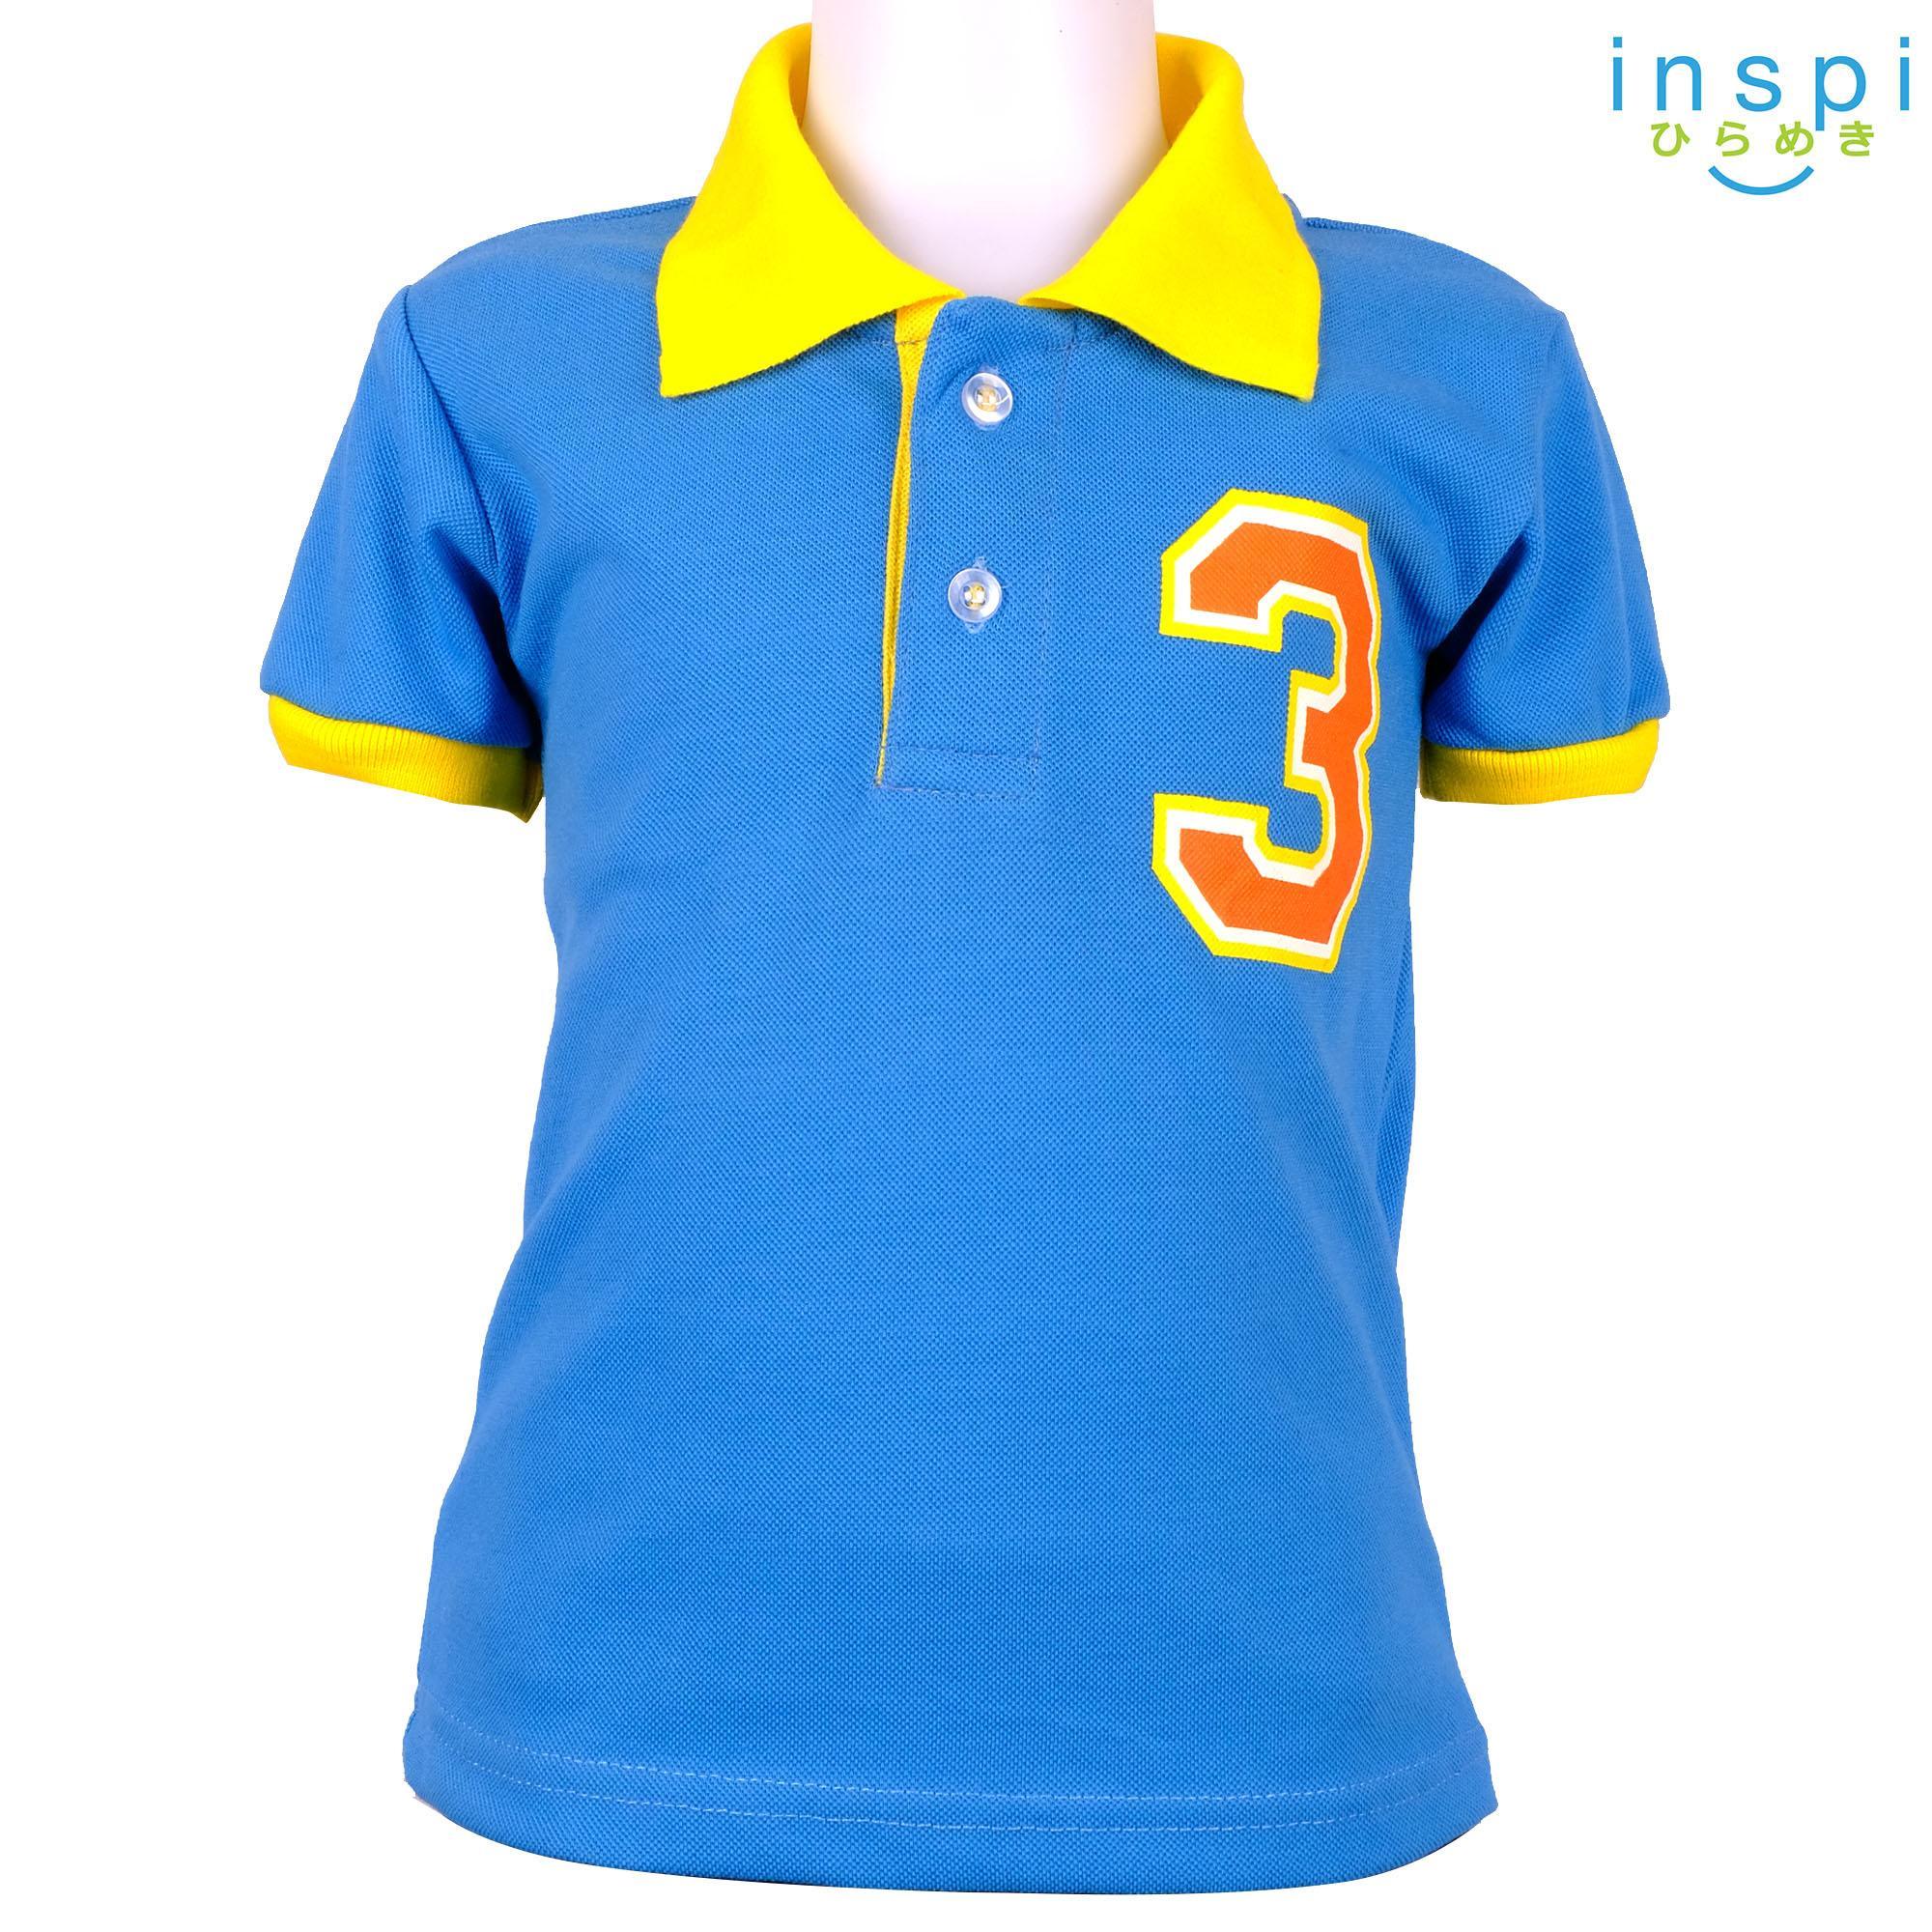 8ed931e18 Plain Polo Shirts Wholesale Philippines - raveitsafe